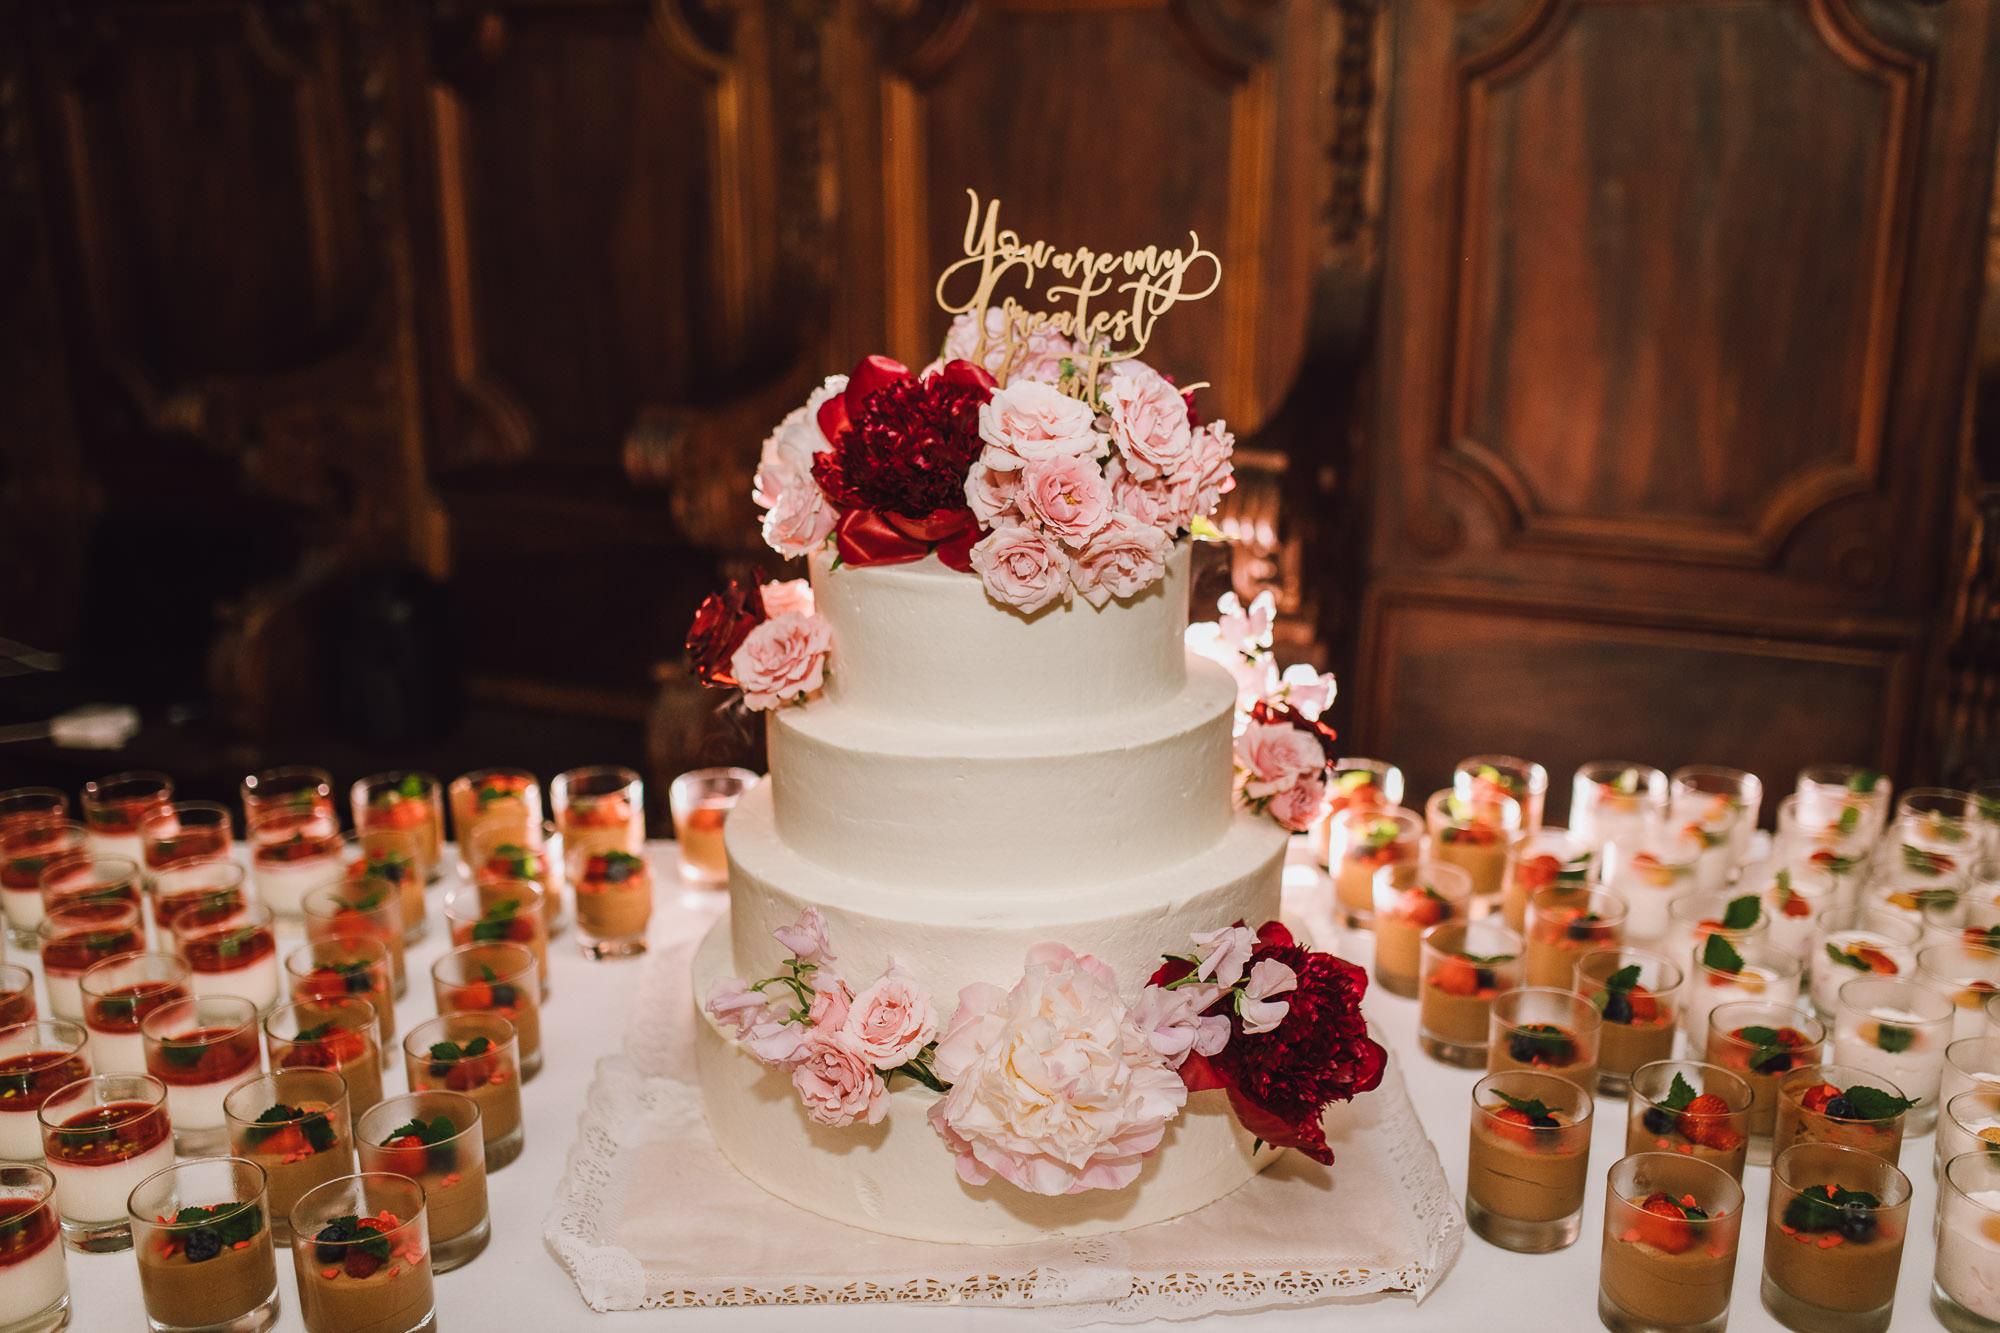 rustic-elegant-wedding-schloss-hochzeit-eyrichshof-franken-bamberg-128